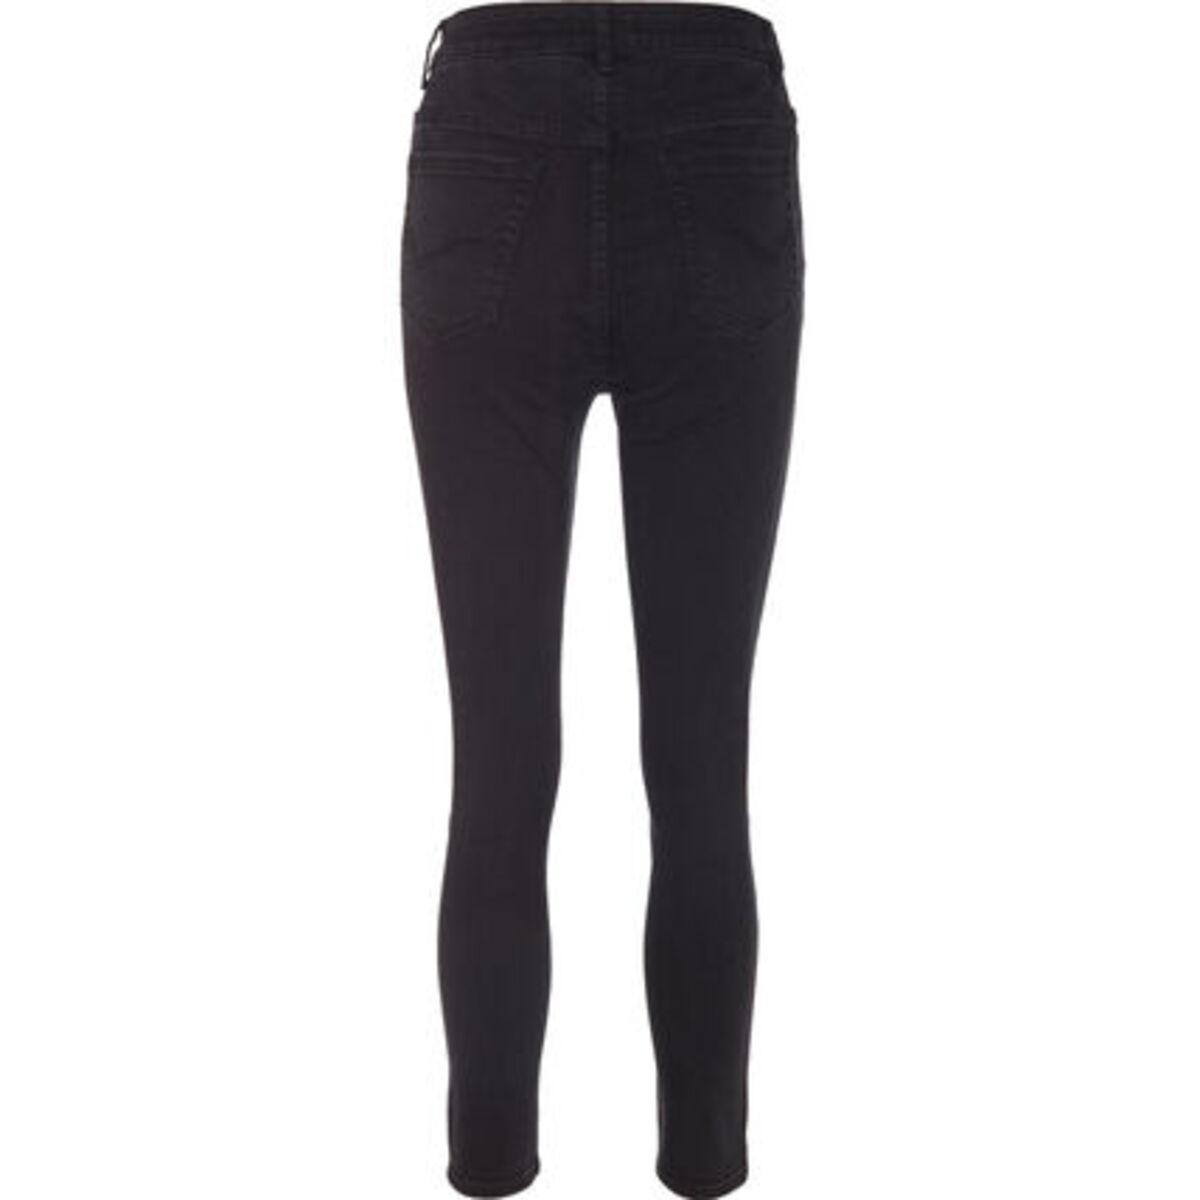 Bild 3 von MANGUUN Jeans, Skinny Fit, Knopfleiste, für Damen